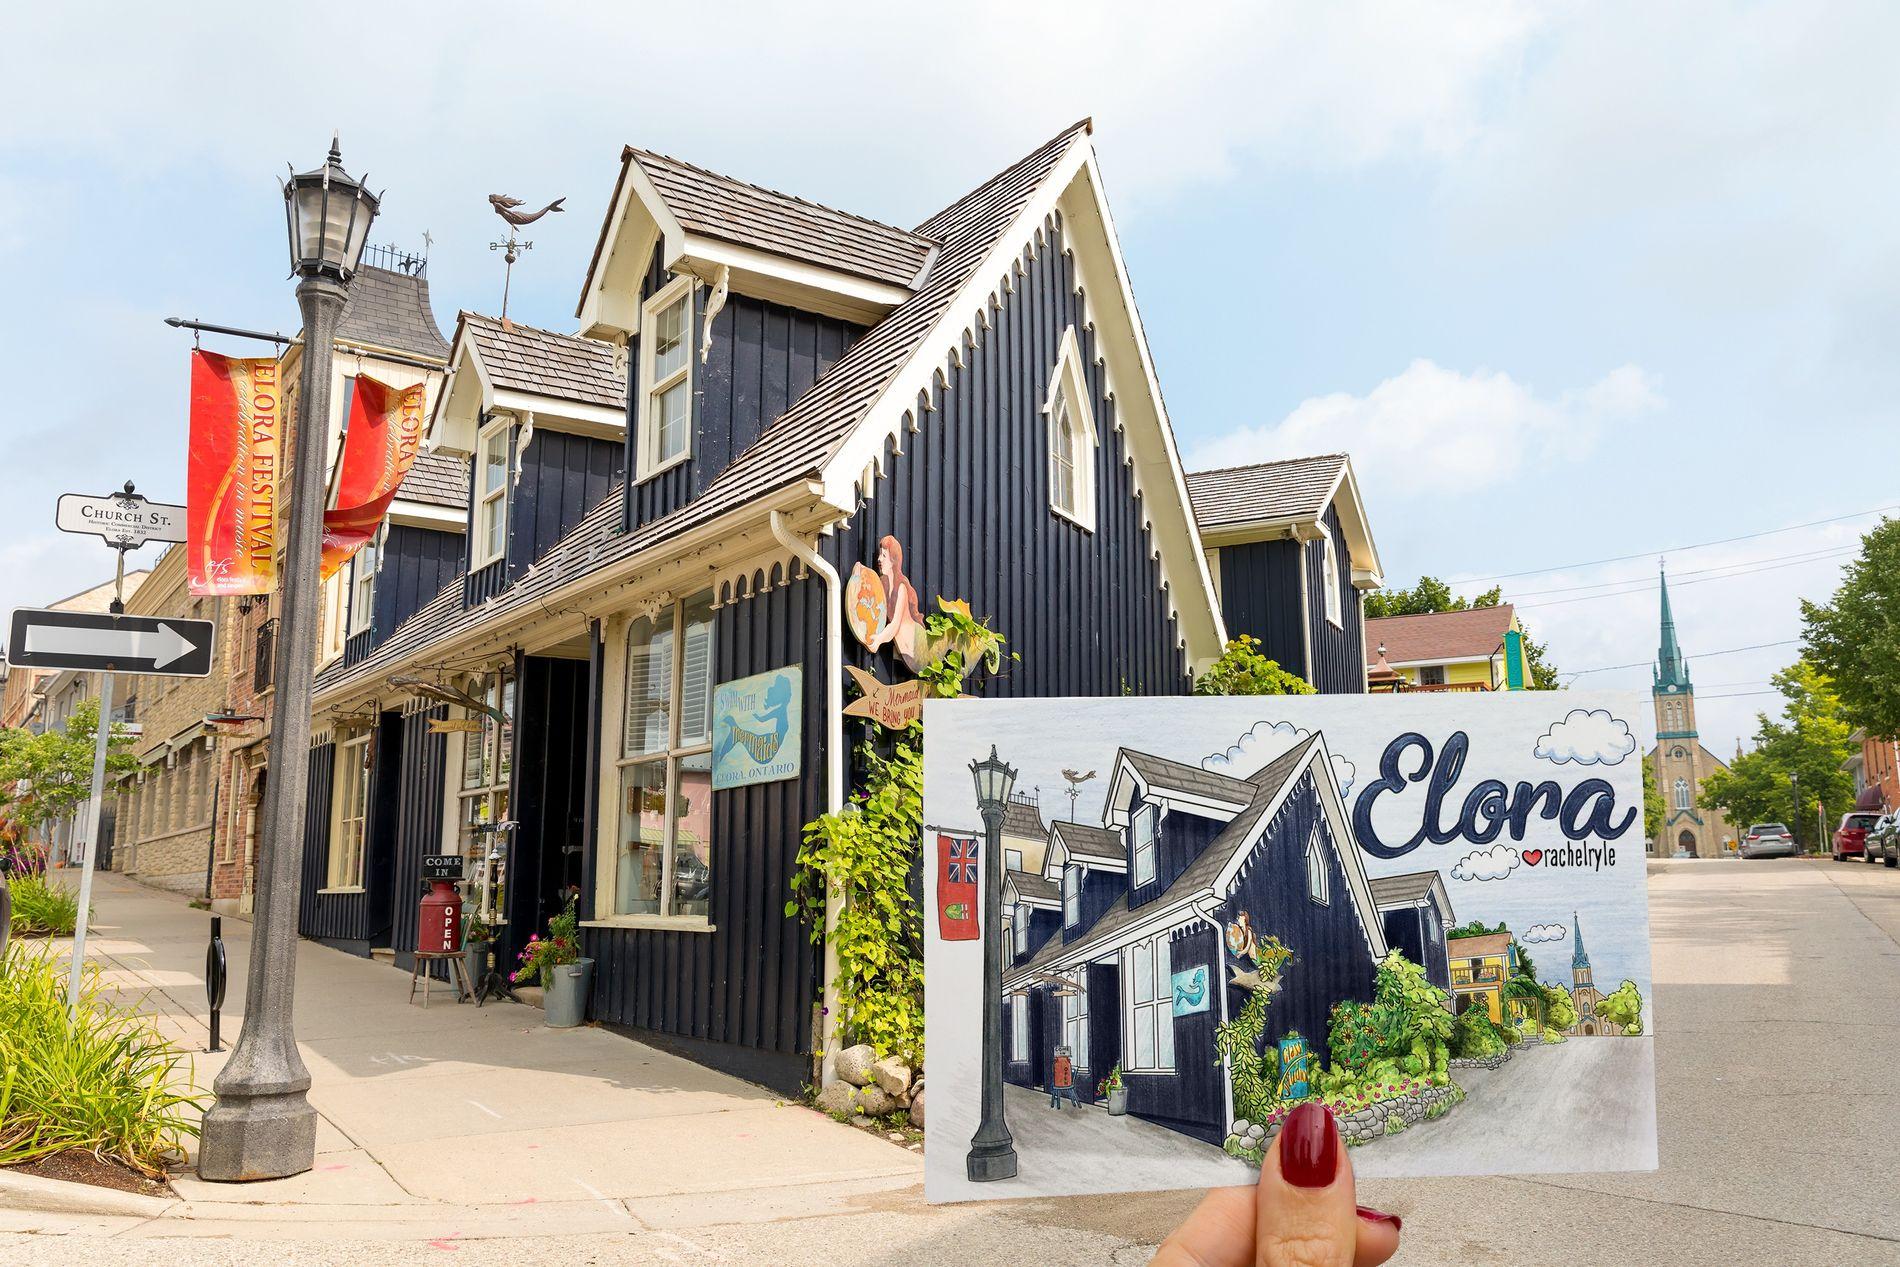 Künstlerisch eingefangen: Das Mermaid in Elora, ein Antiquitätenladen in der kleinen Stadt am Grande River.